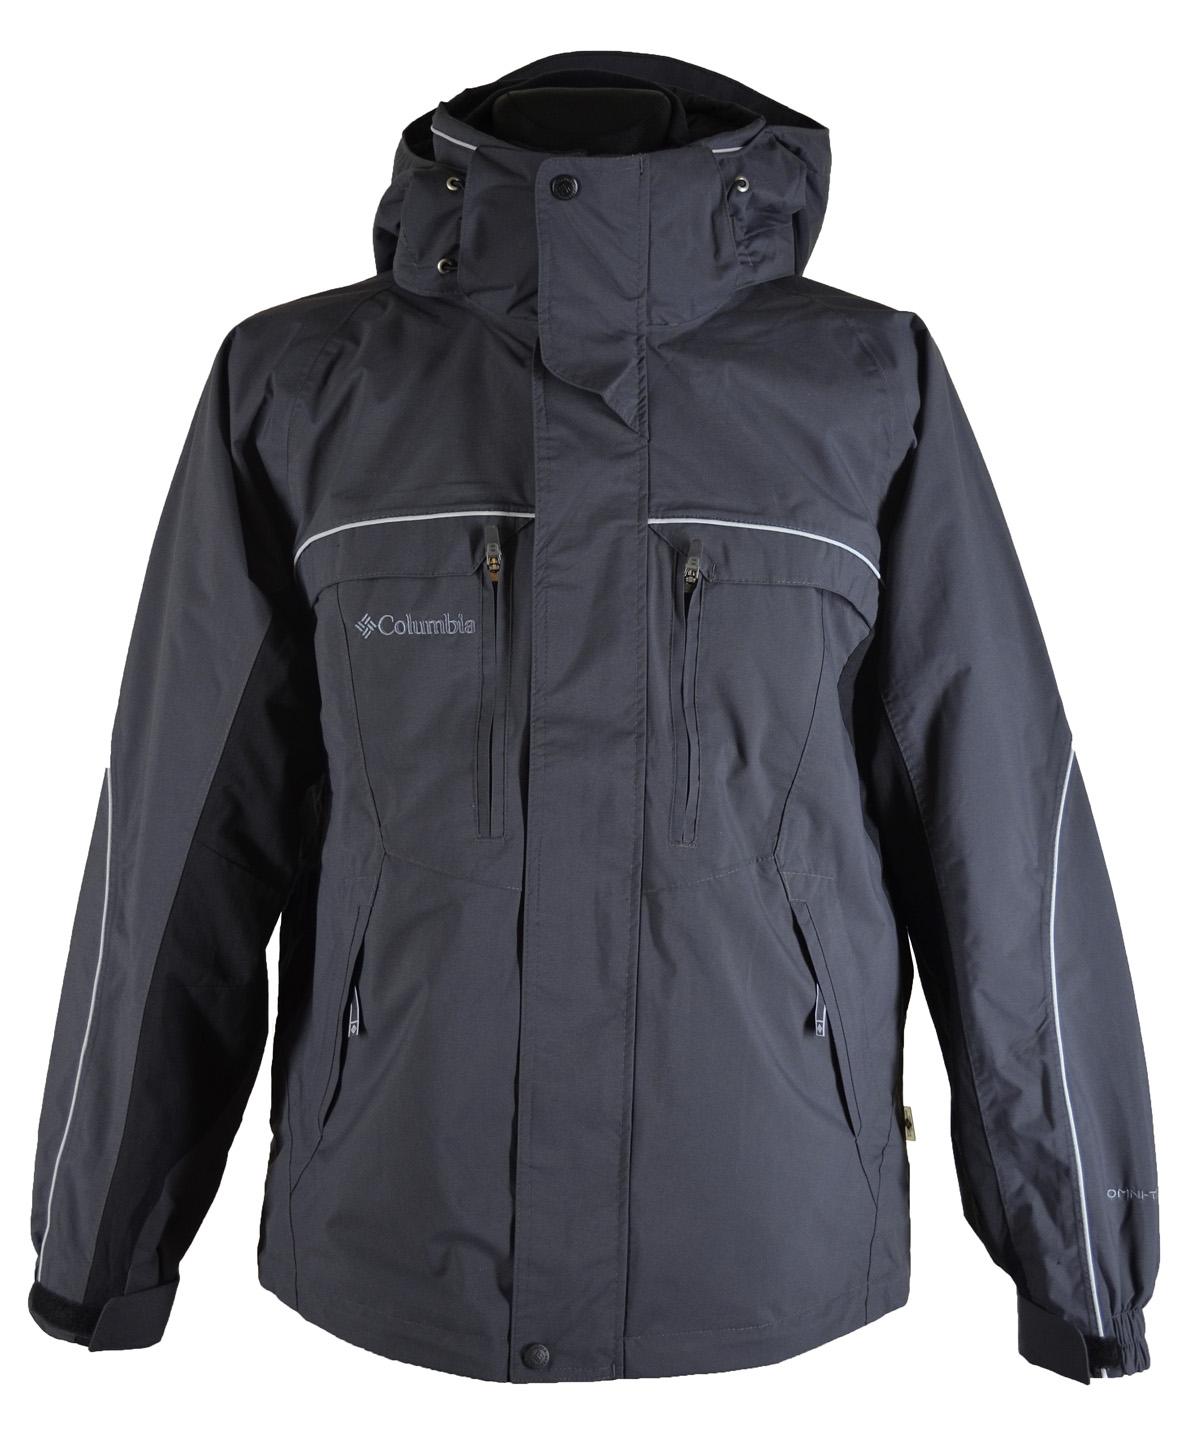 Зимние куртки коламбия омни хит